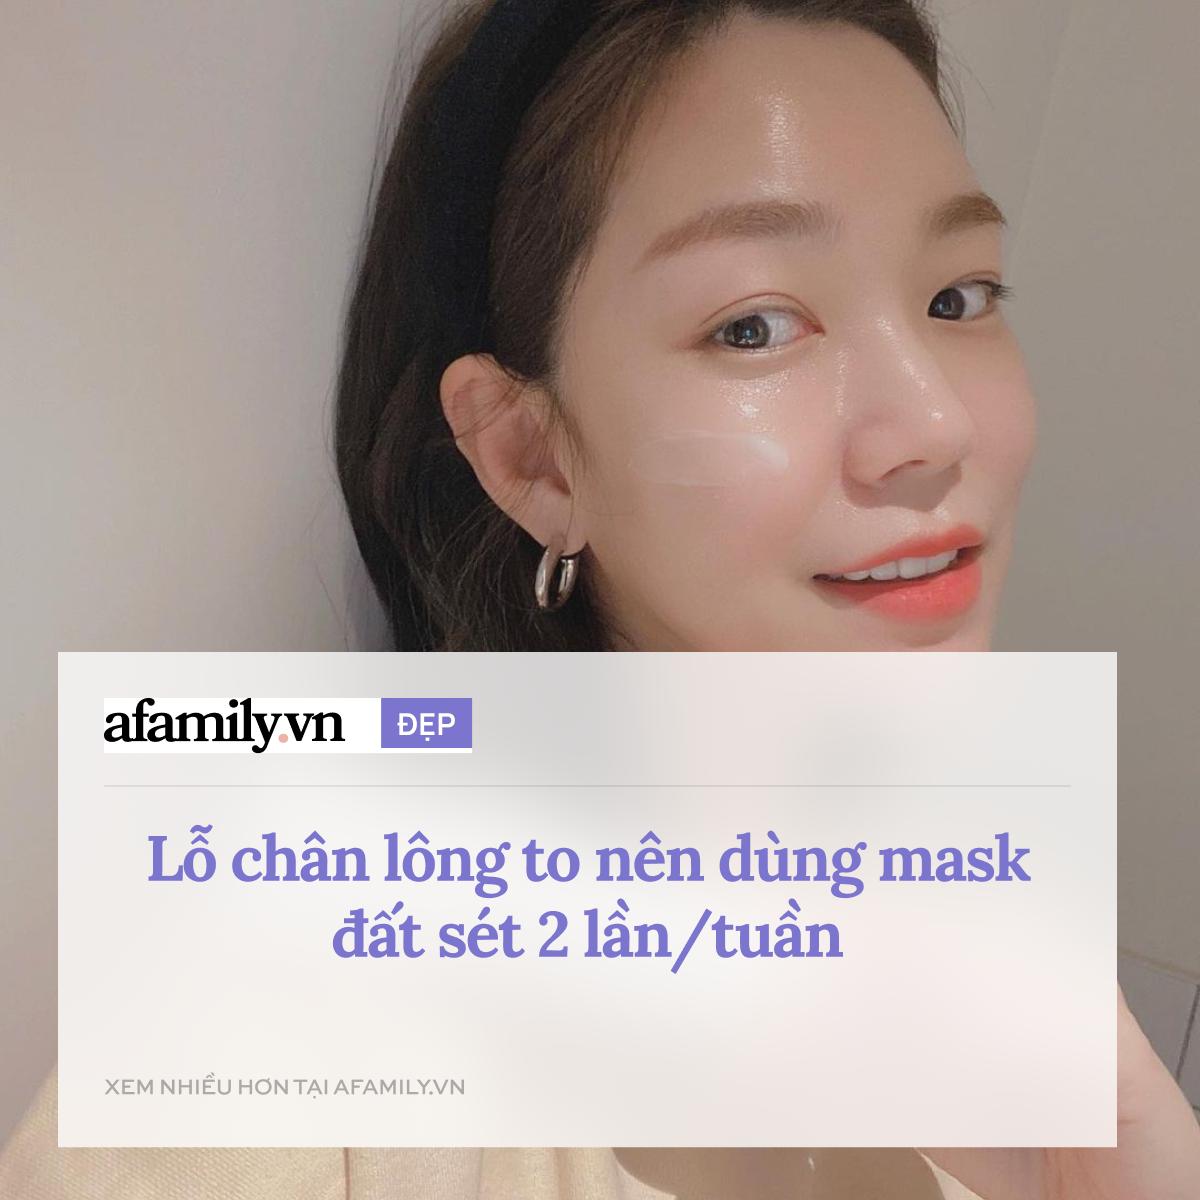 Làn da sẽ được trẻ hóa vô cùng nếu nắm kỹ 15 quy tắc skincare đơn giản này  - Ảnh 5.